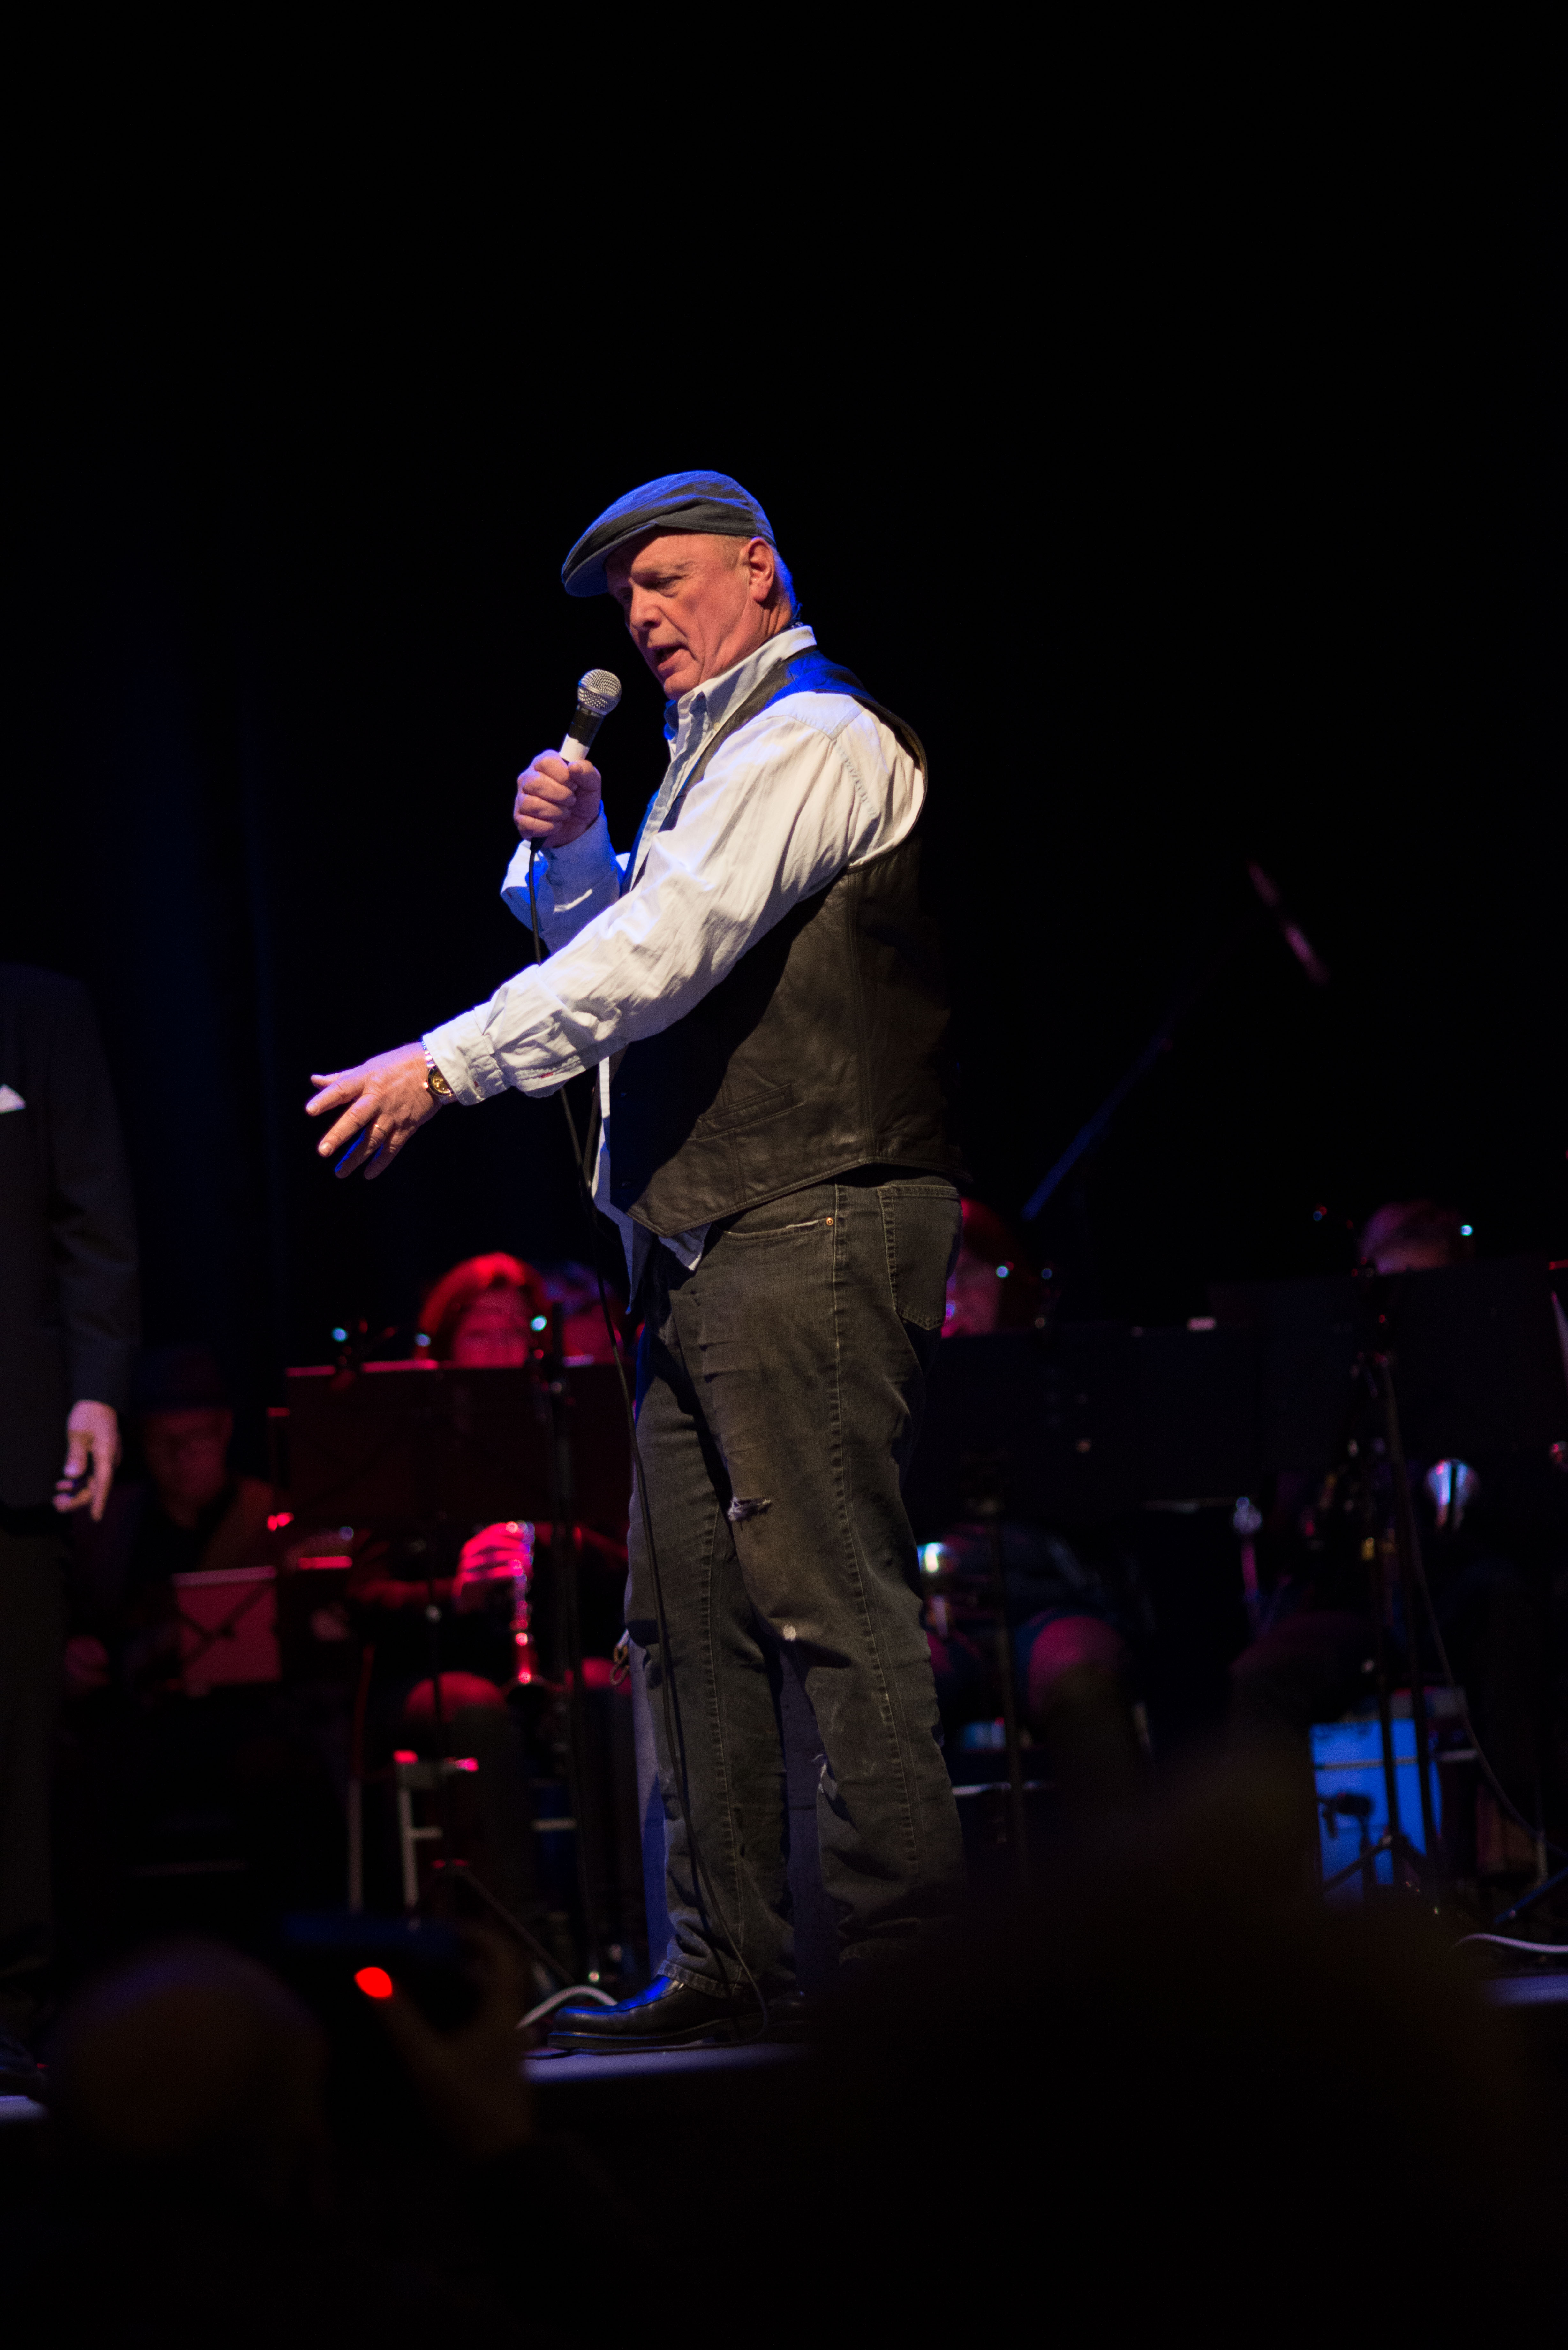 Erik Musikalmix 2013 - Foto: Sian O'Hara